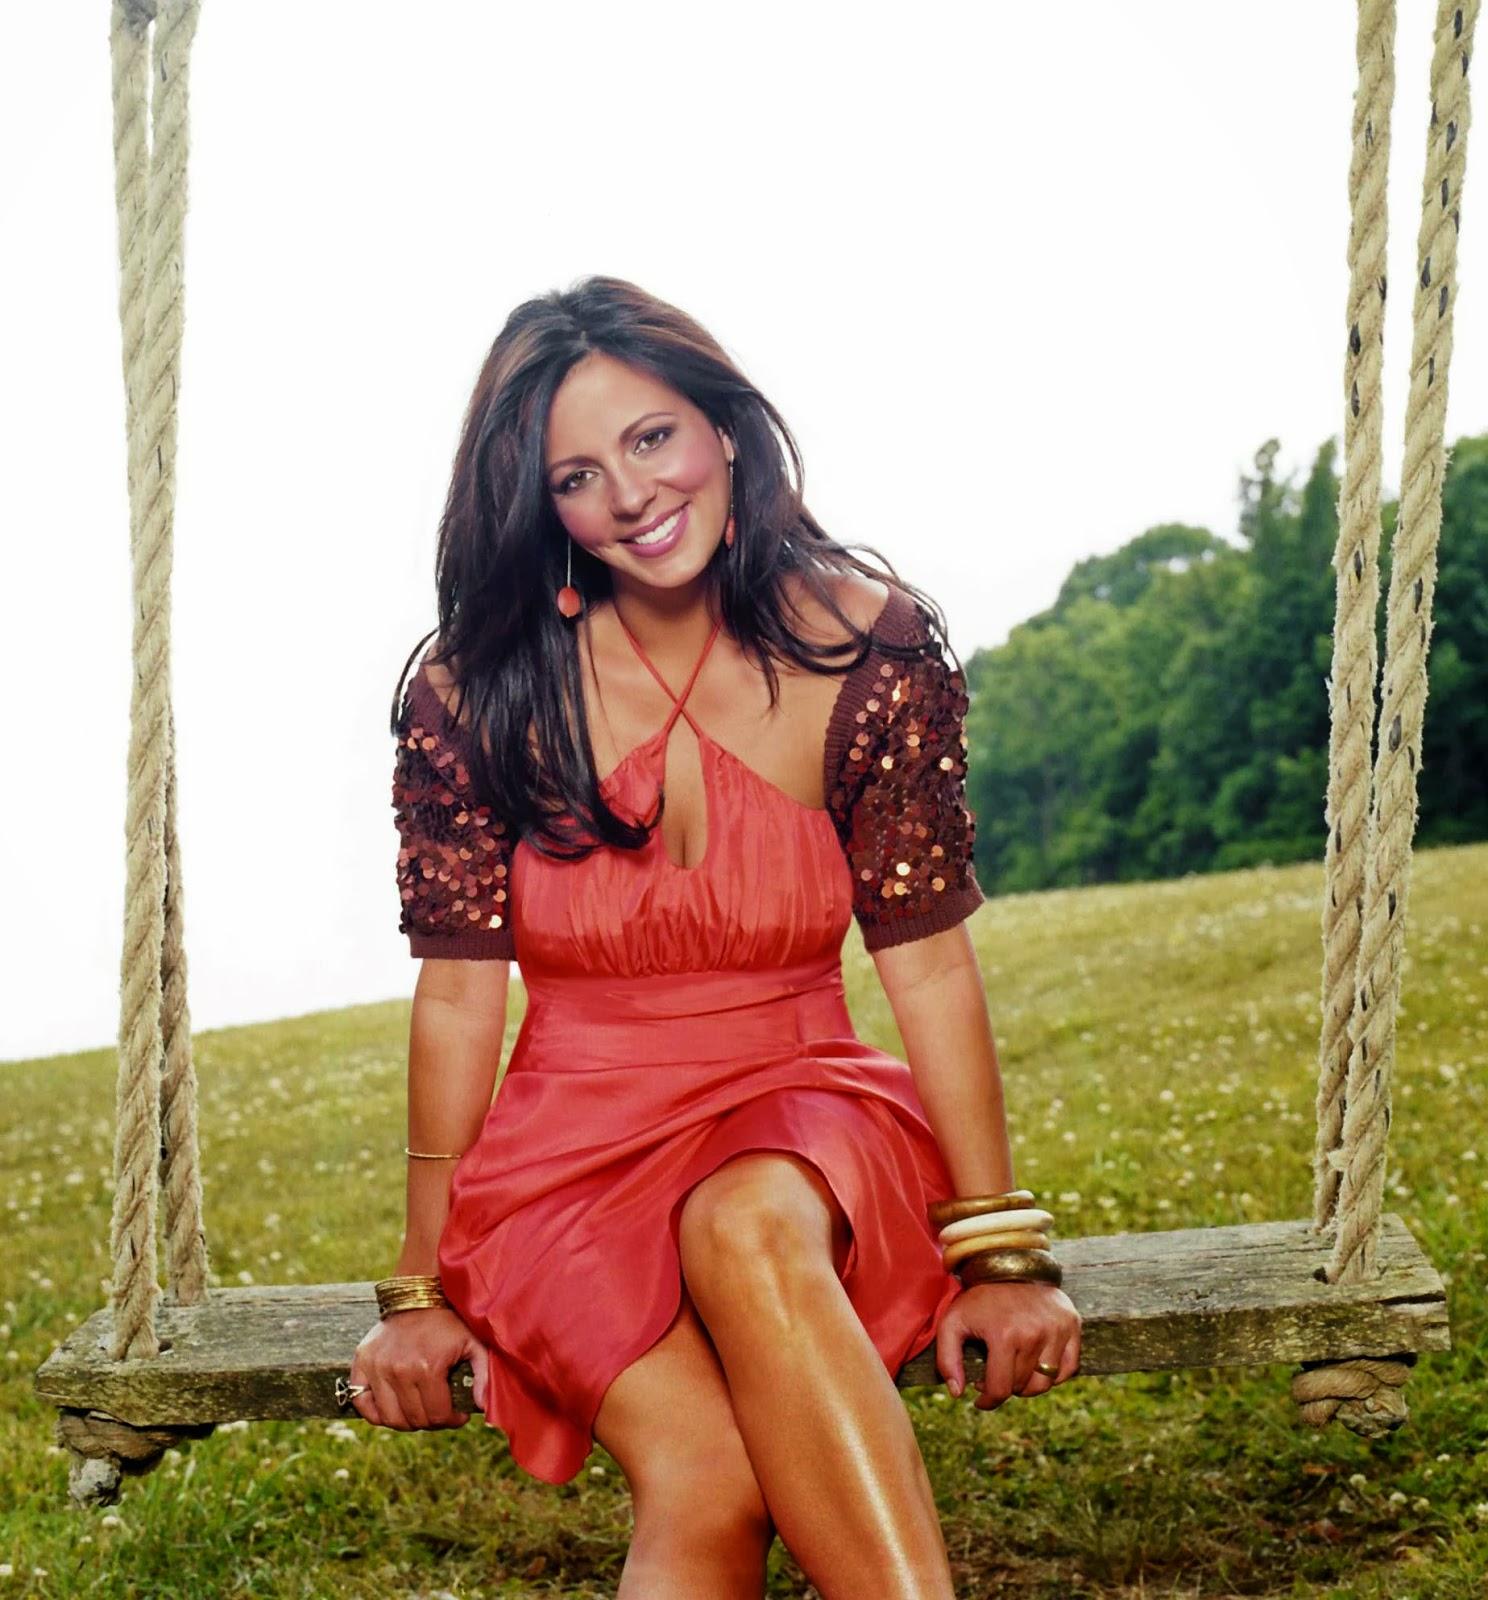 SARA EVANS PHOTO GALLERY - BOLLYWOOD ADDAA   Latest Bollywood Hot Pics of Actresses,Actors ...